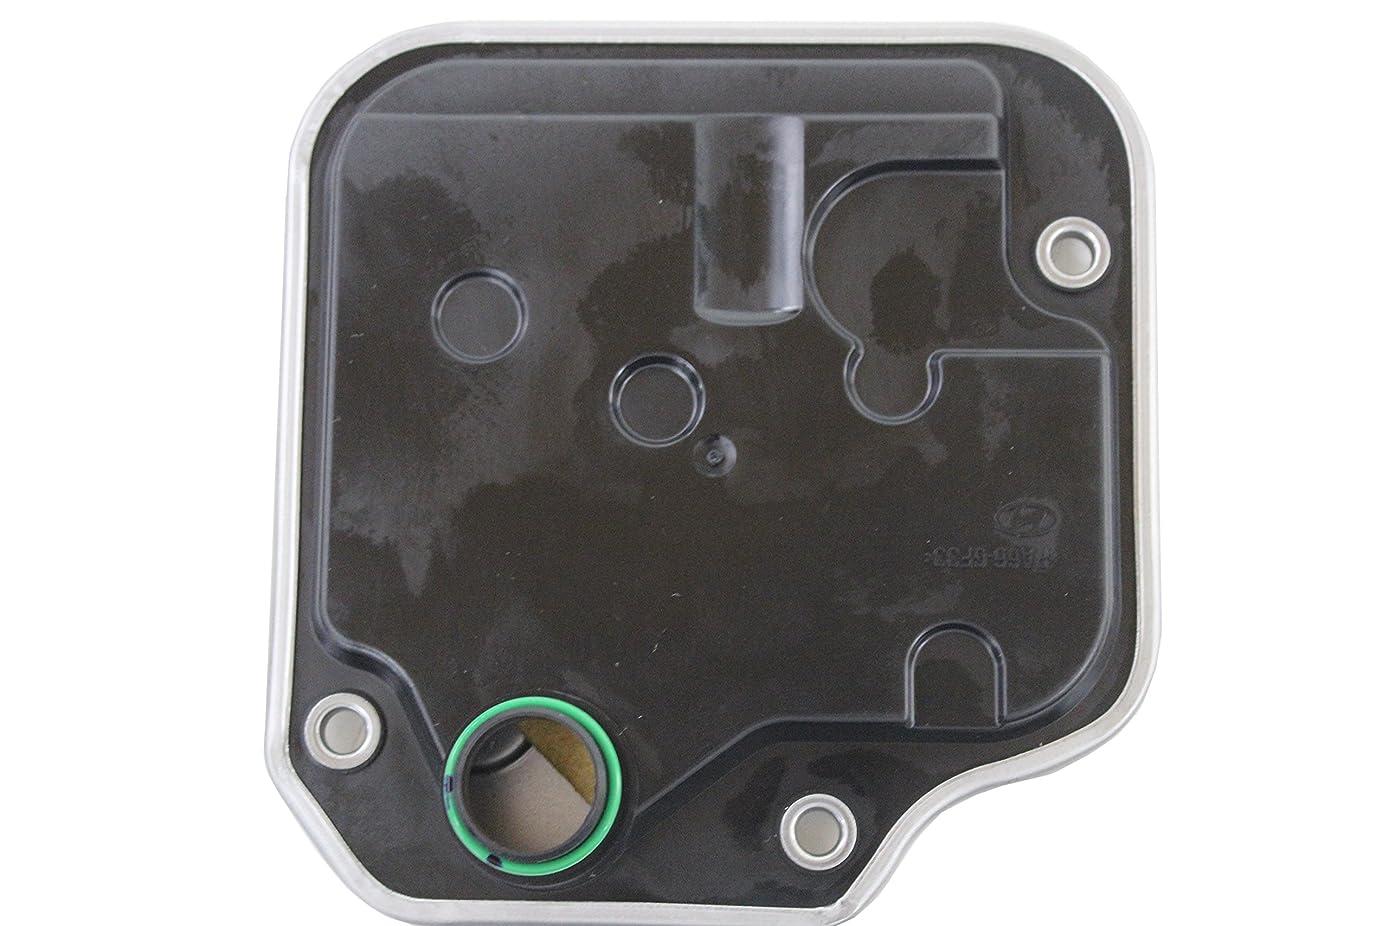 Genuine Hyundai 46321-23001 Valve Body Oil Filter Assembly